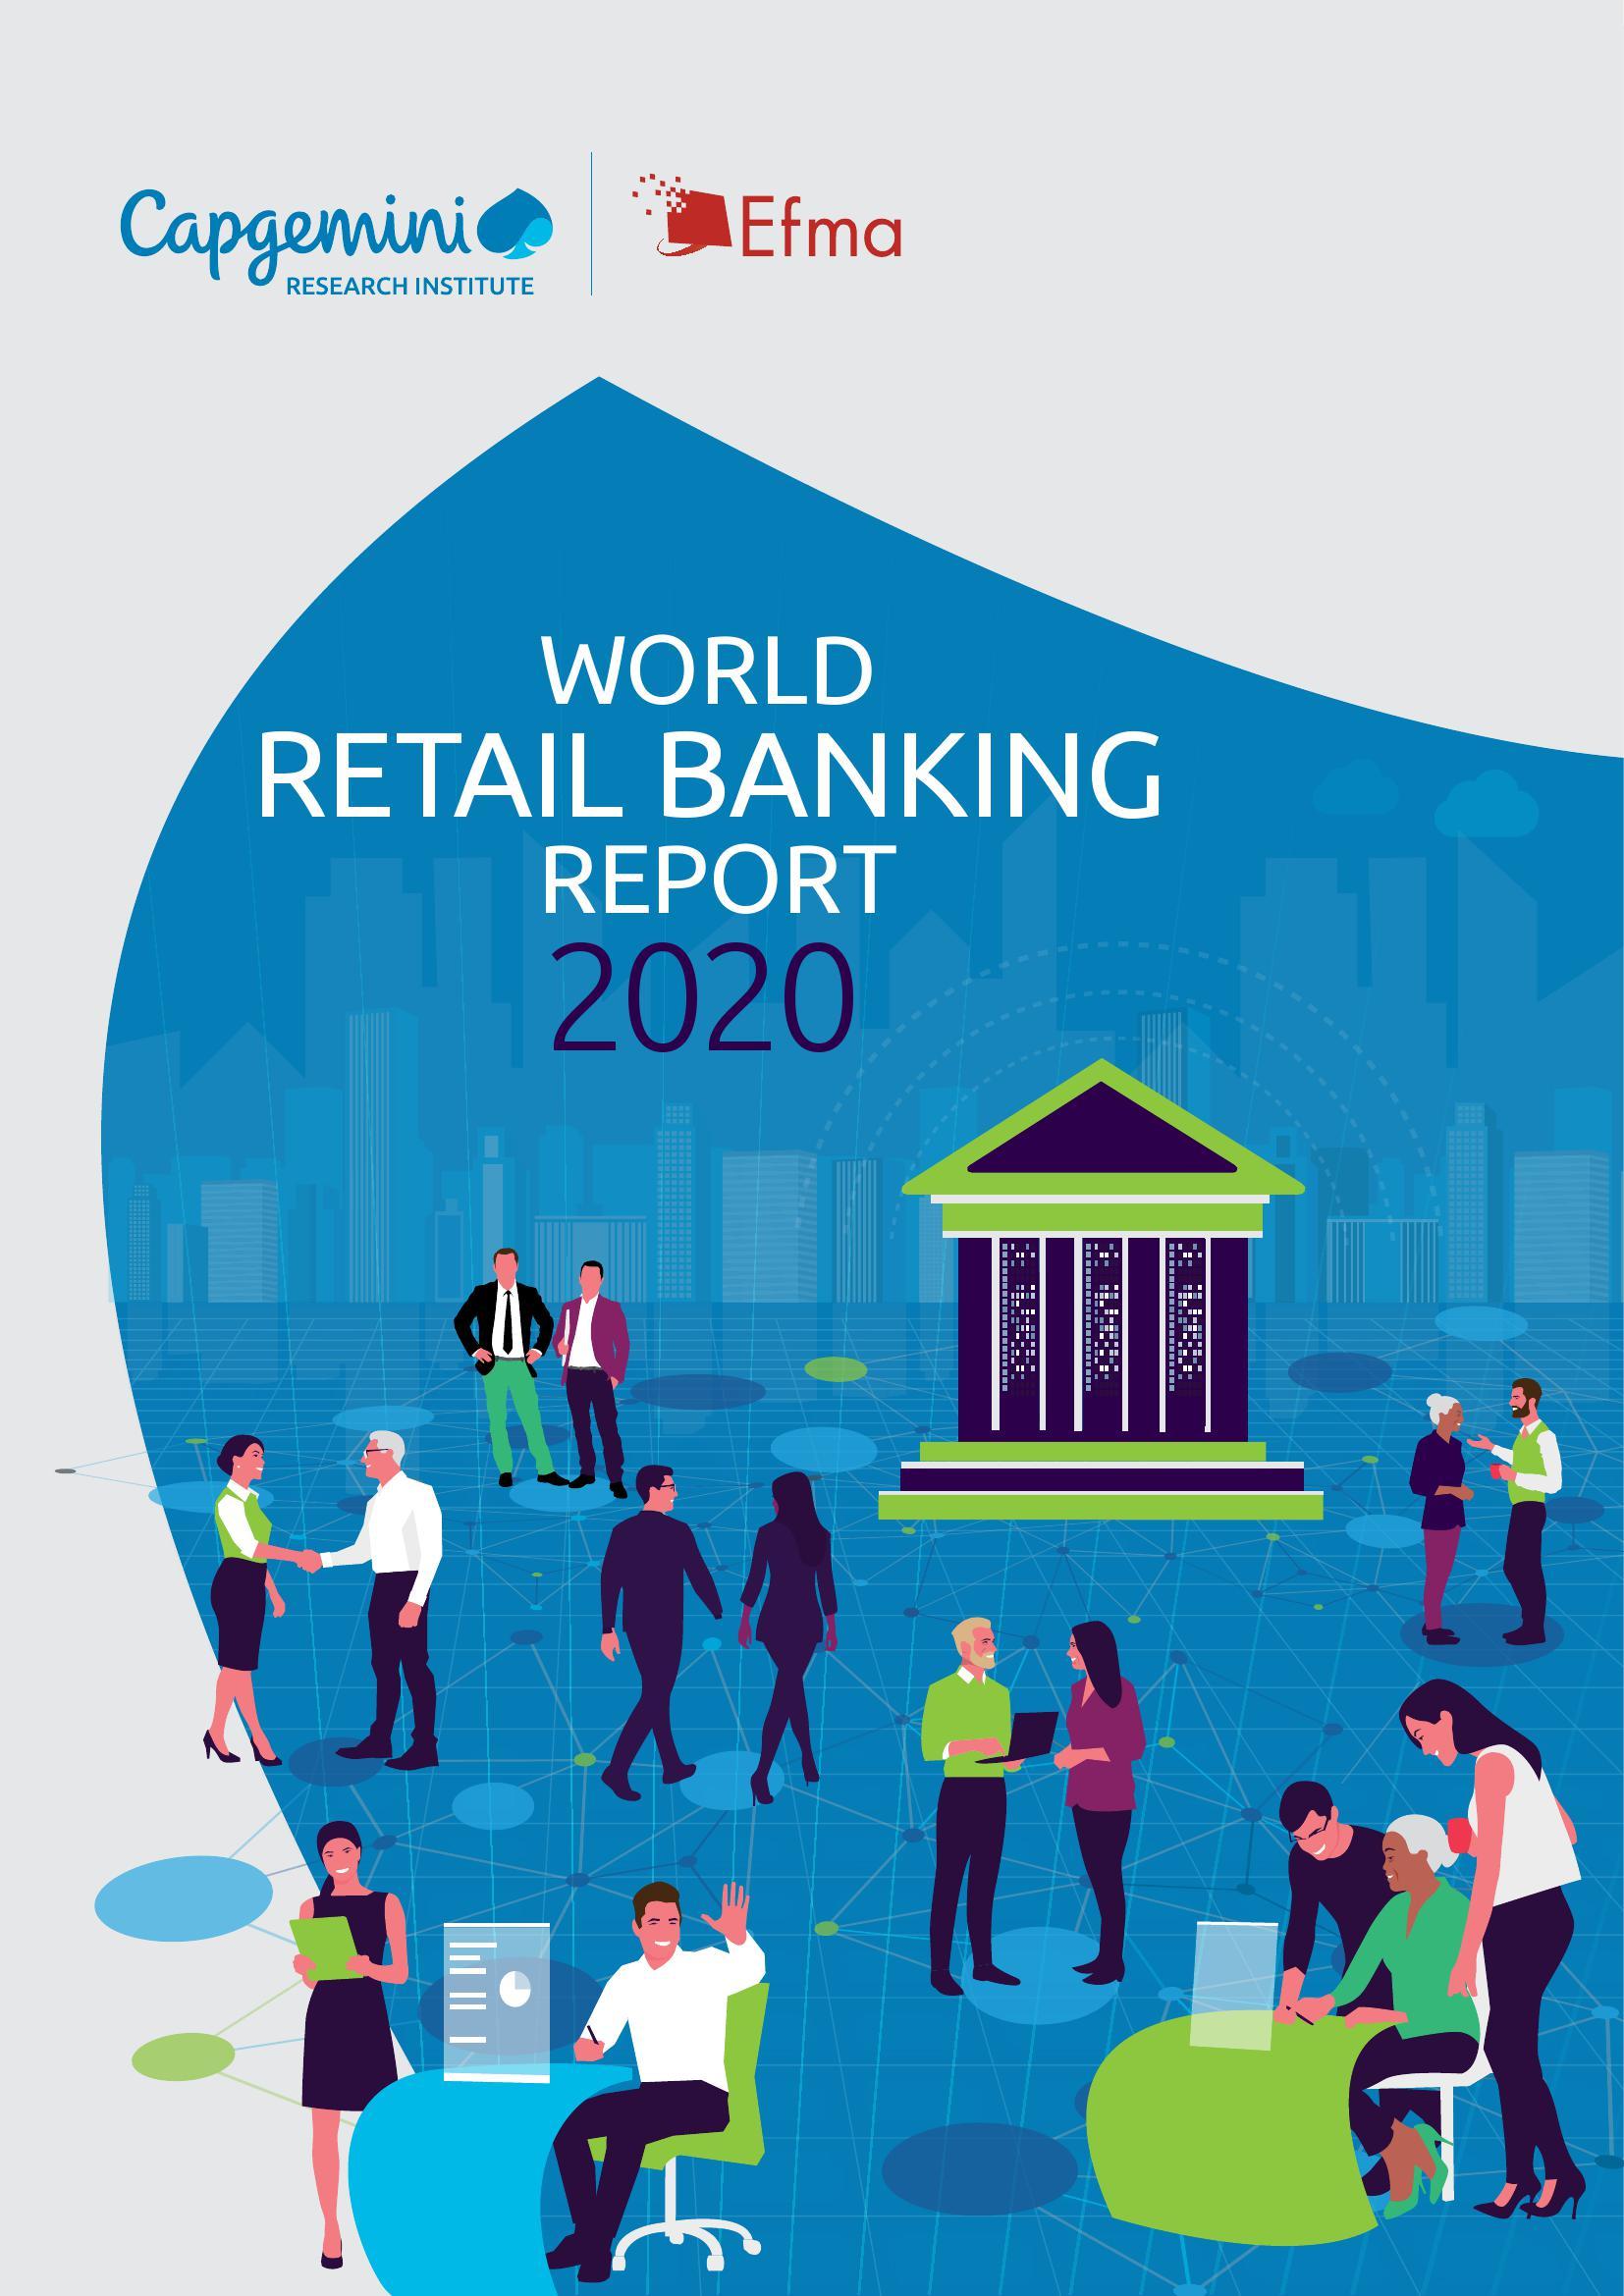 凯捷:2020全球零售银行报告